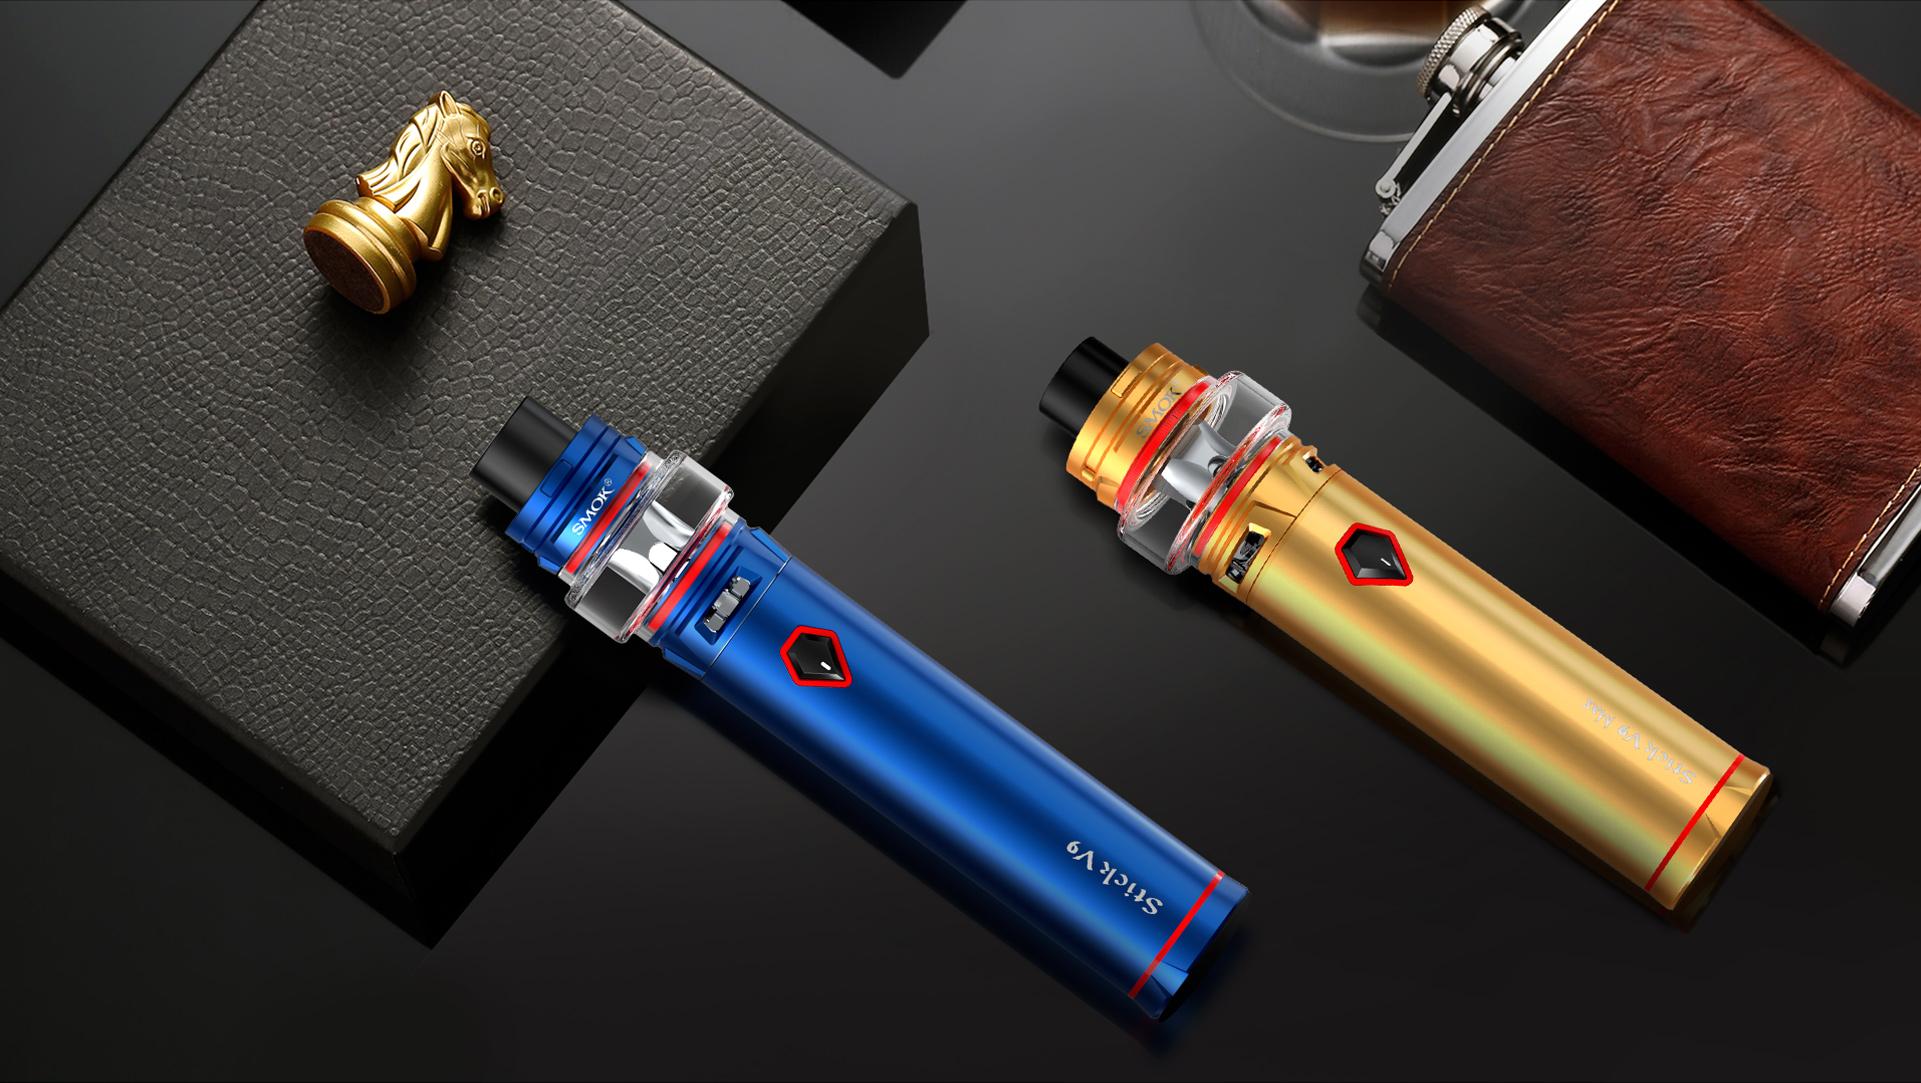 Stick V9 & Stick V9 Max